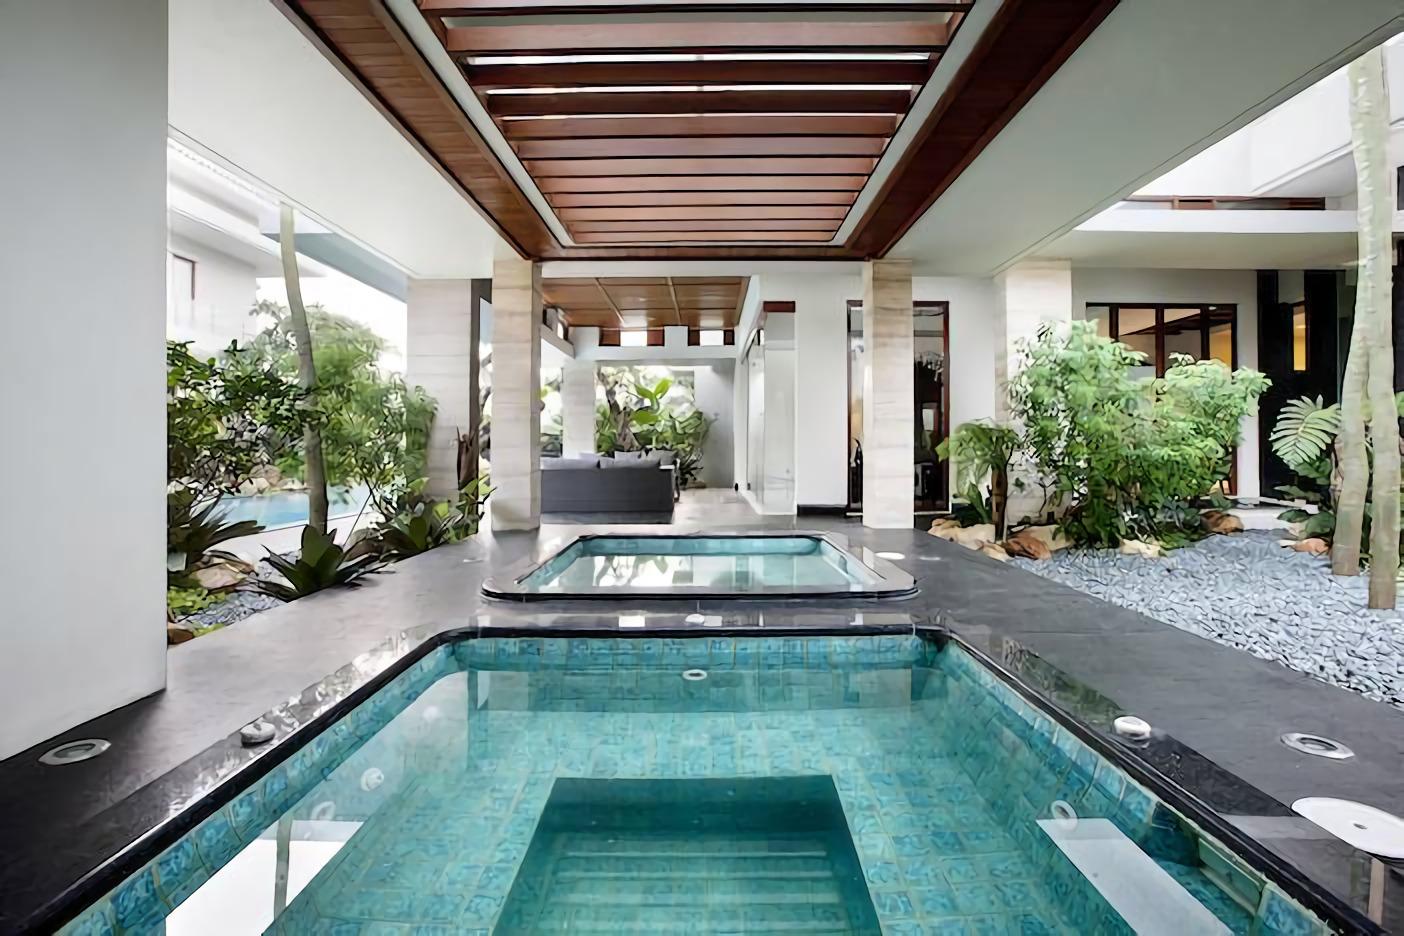 660+ Gambar Desain Interior Rumah Minimalis Mewah Modern Yang Bisa Anda Contoh Download